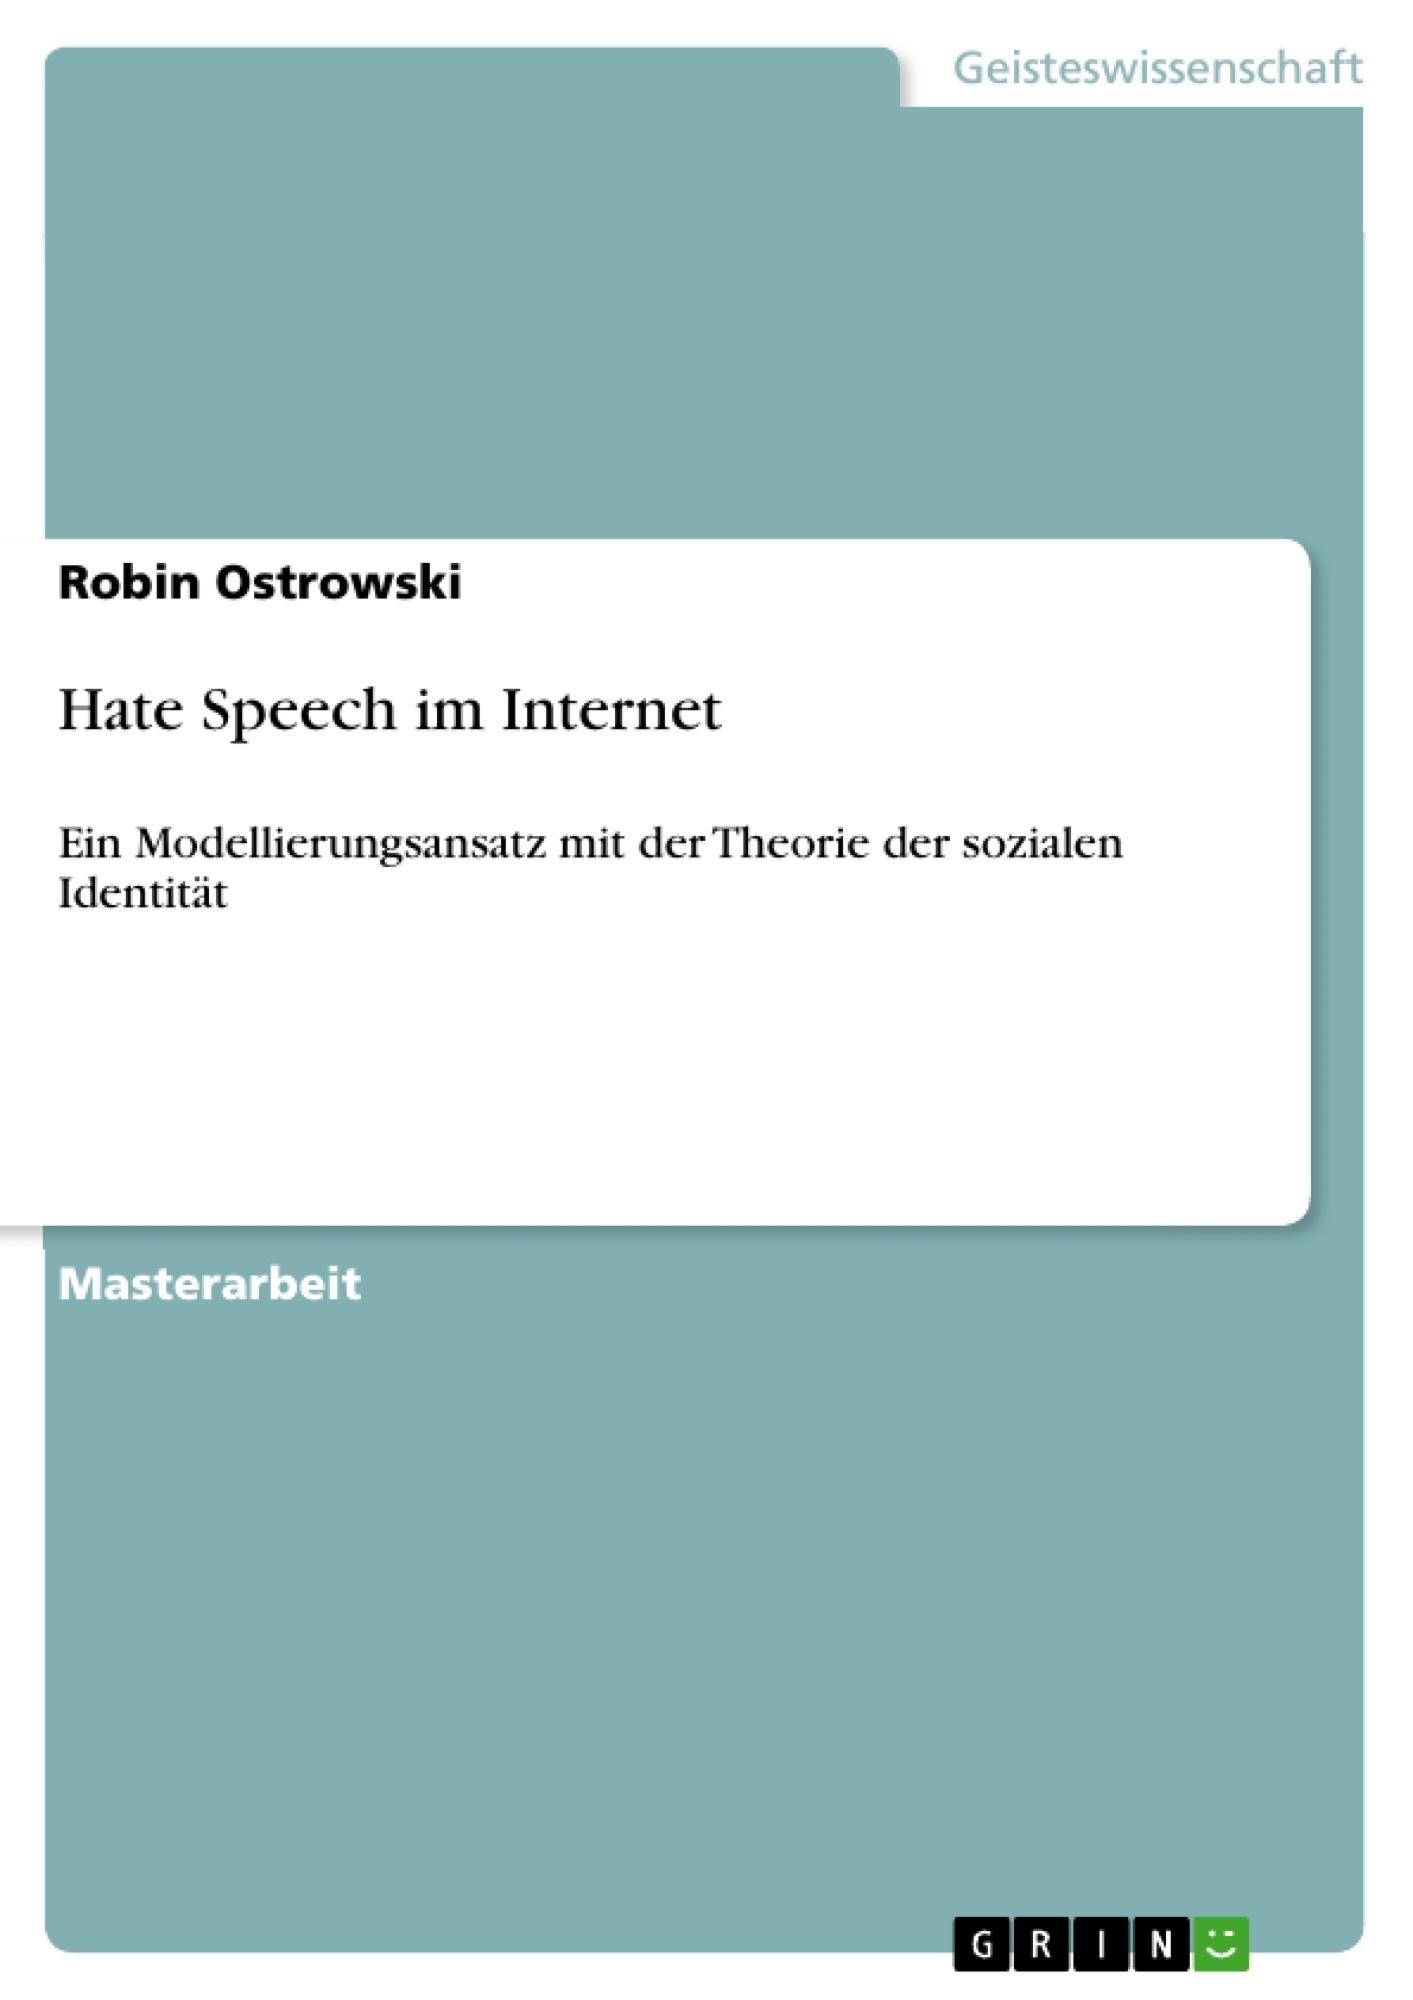 Titel: Hate Speech im Internet